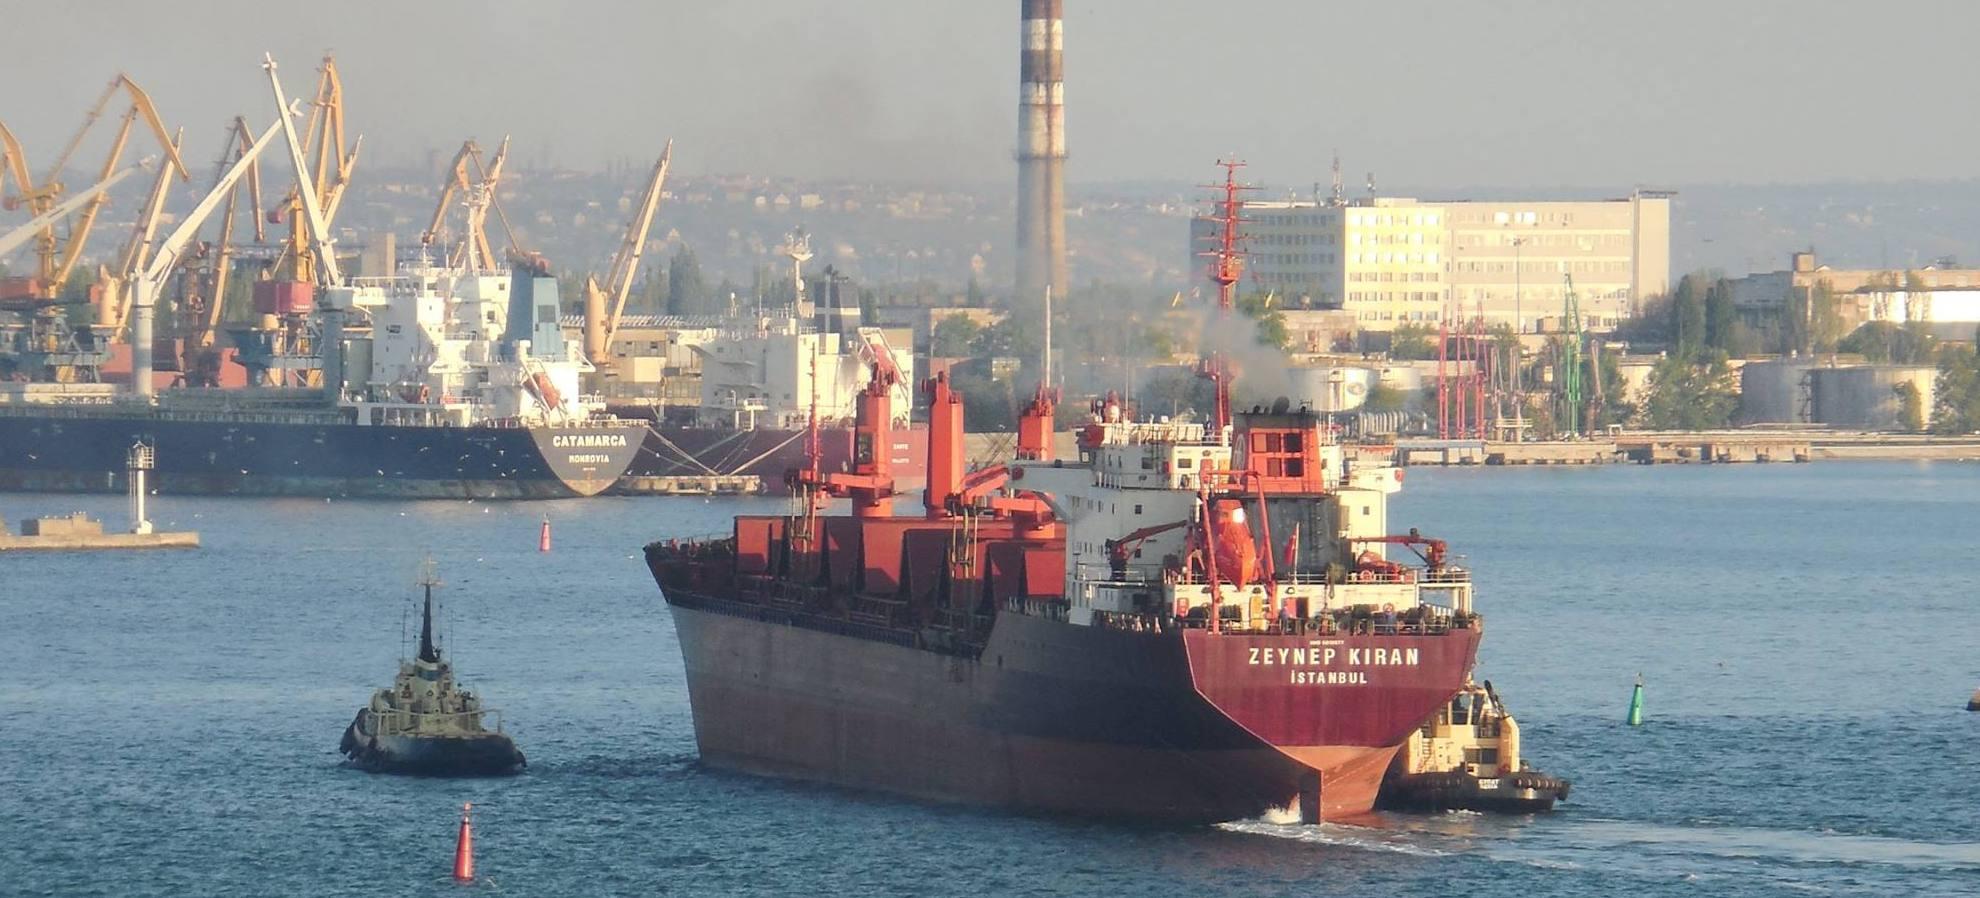 Почему ужно реализовываться только в известных морских агентствах?